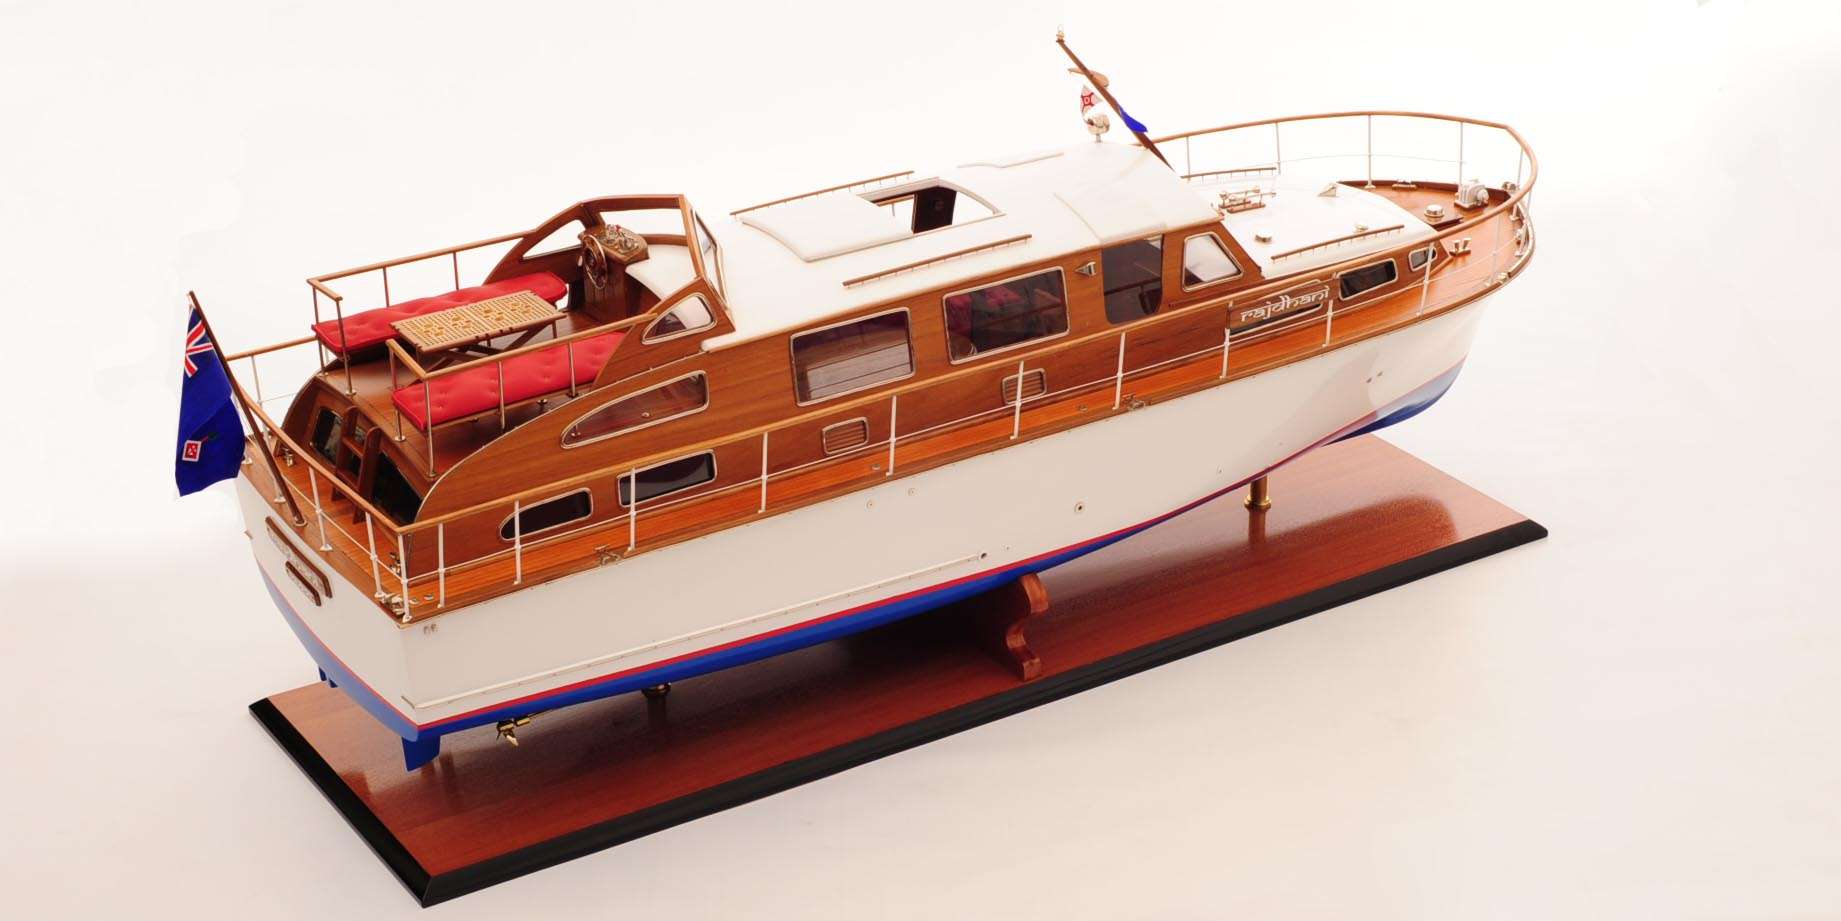 Starcraft 40 Model Boat (Rajdhani)